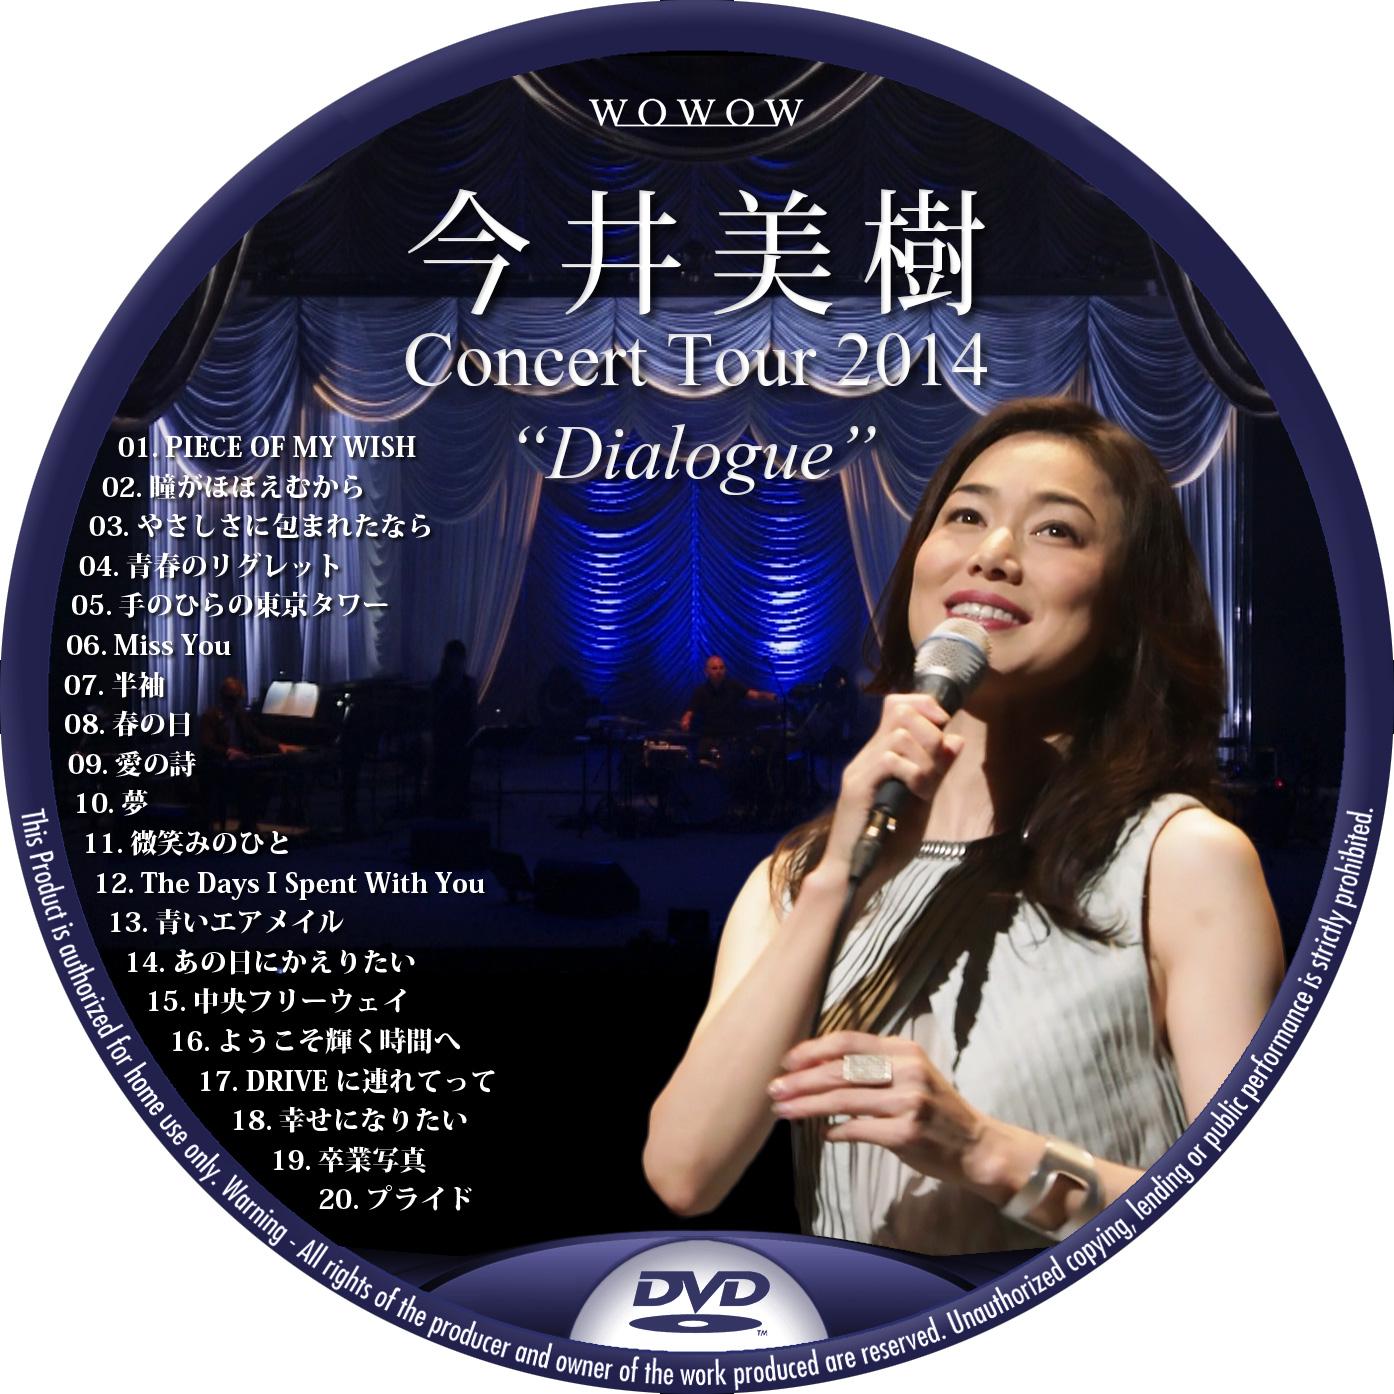 今井美樹 WOWOW DVDラベル